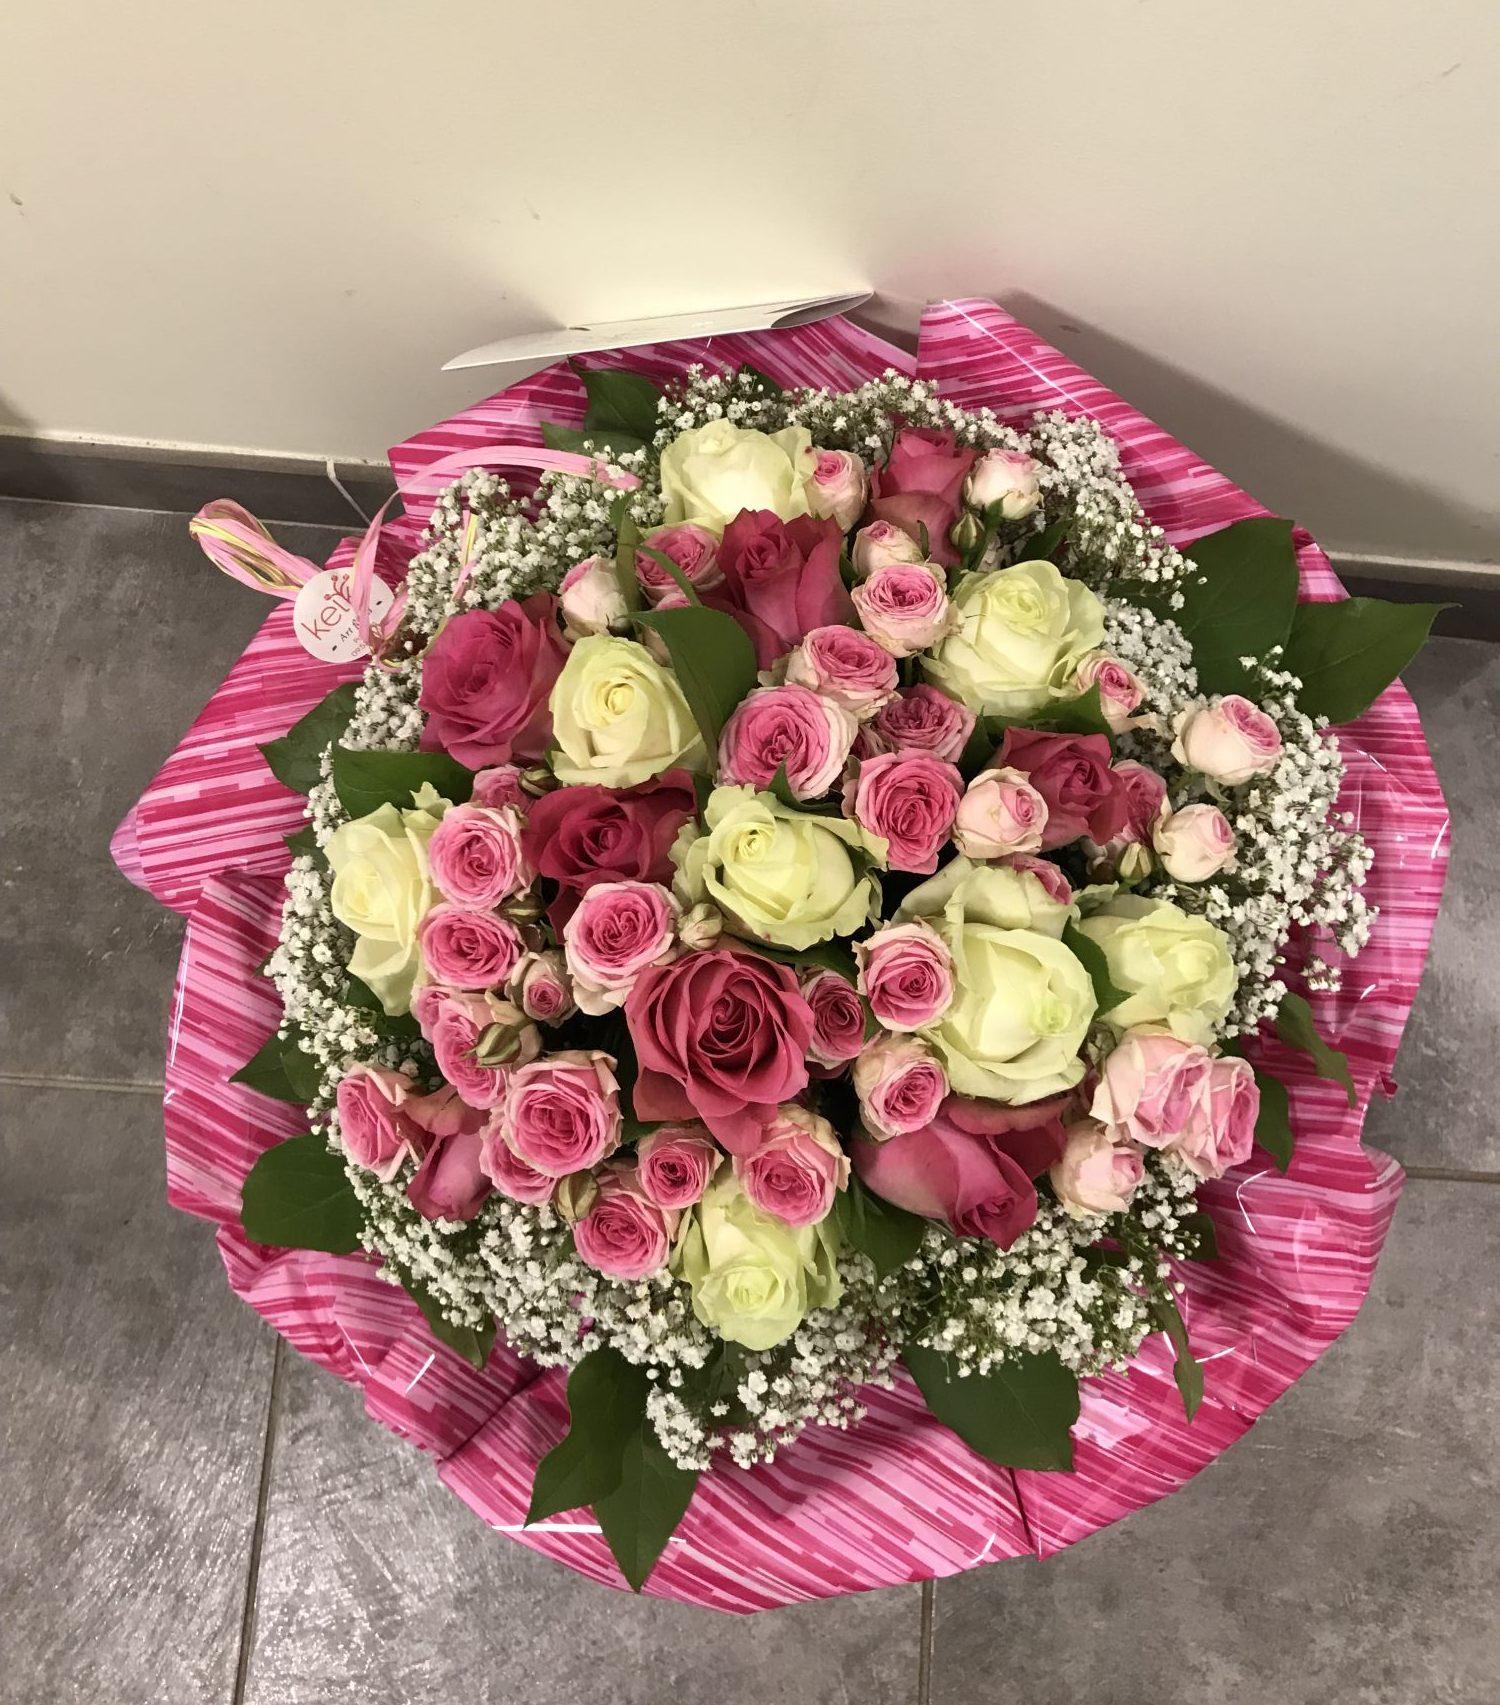 bouquet-de-roses-8